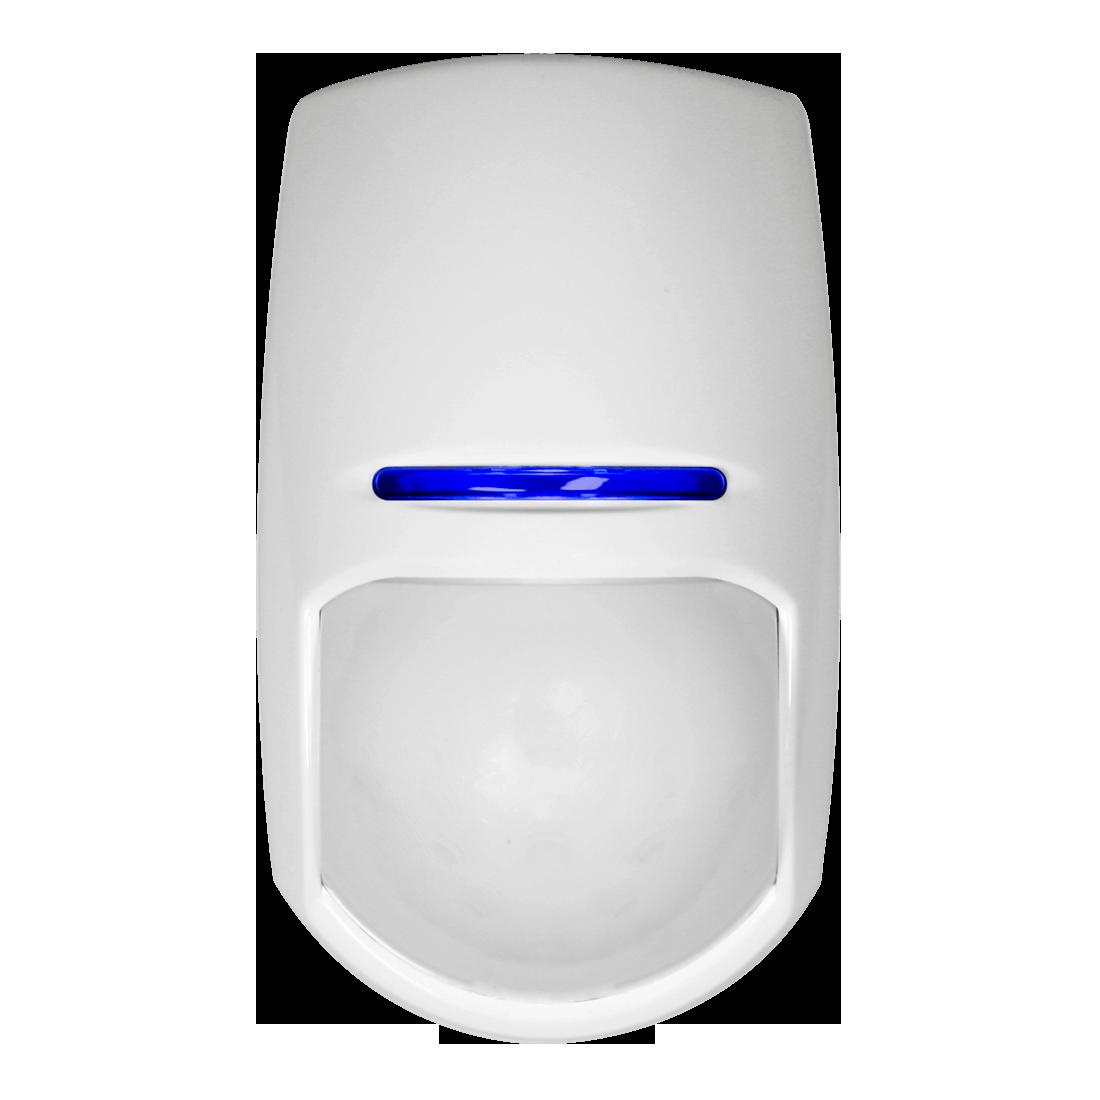 PYRO-73 | Detector PIR de cortina vía radio Pyronix protocolo Enforcer